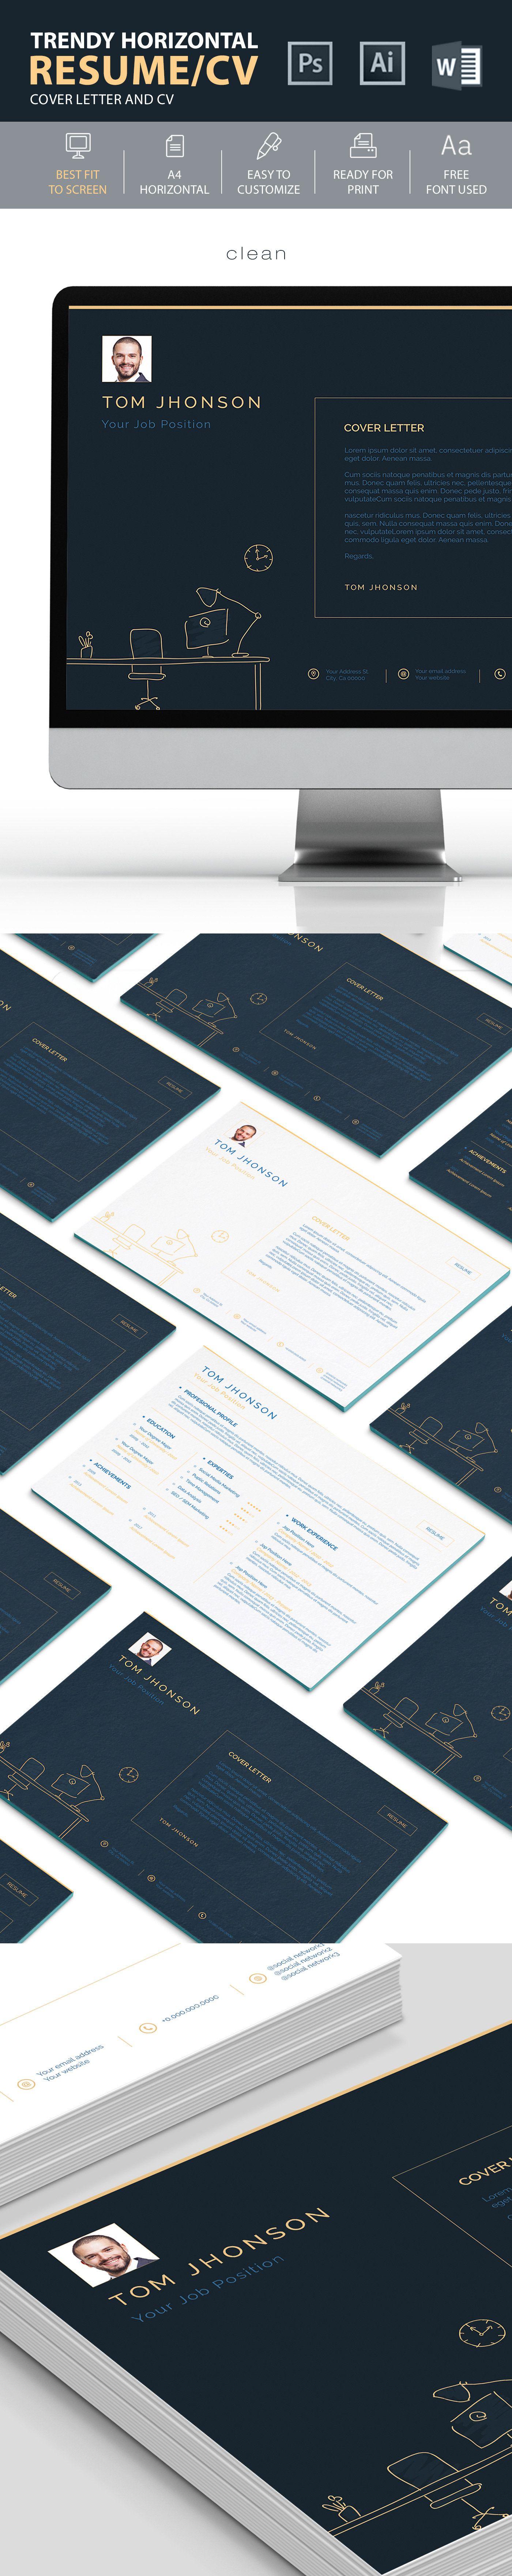 """다음 Behance 프로젝트 확인 """"Clean Horizontal Resume/CV"""" https"""